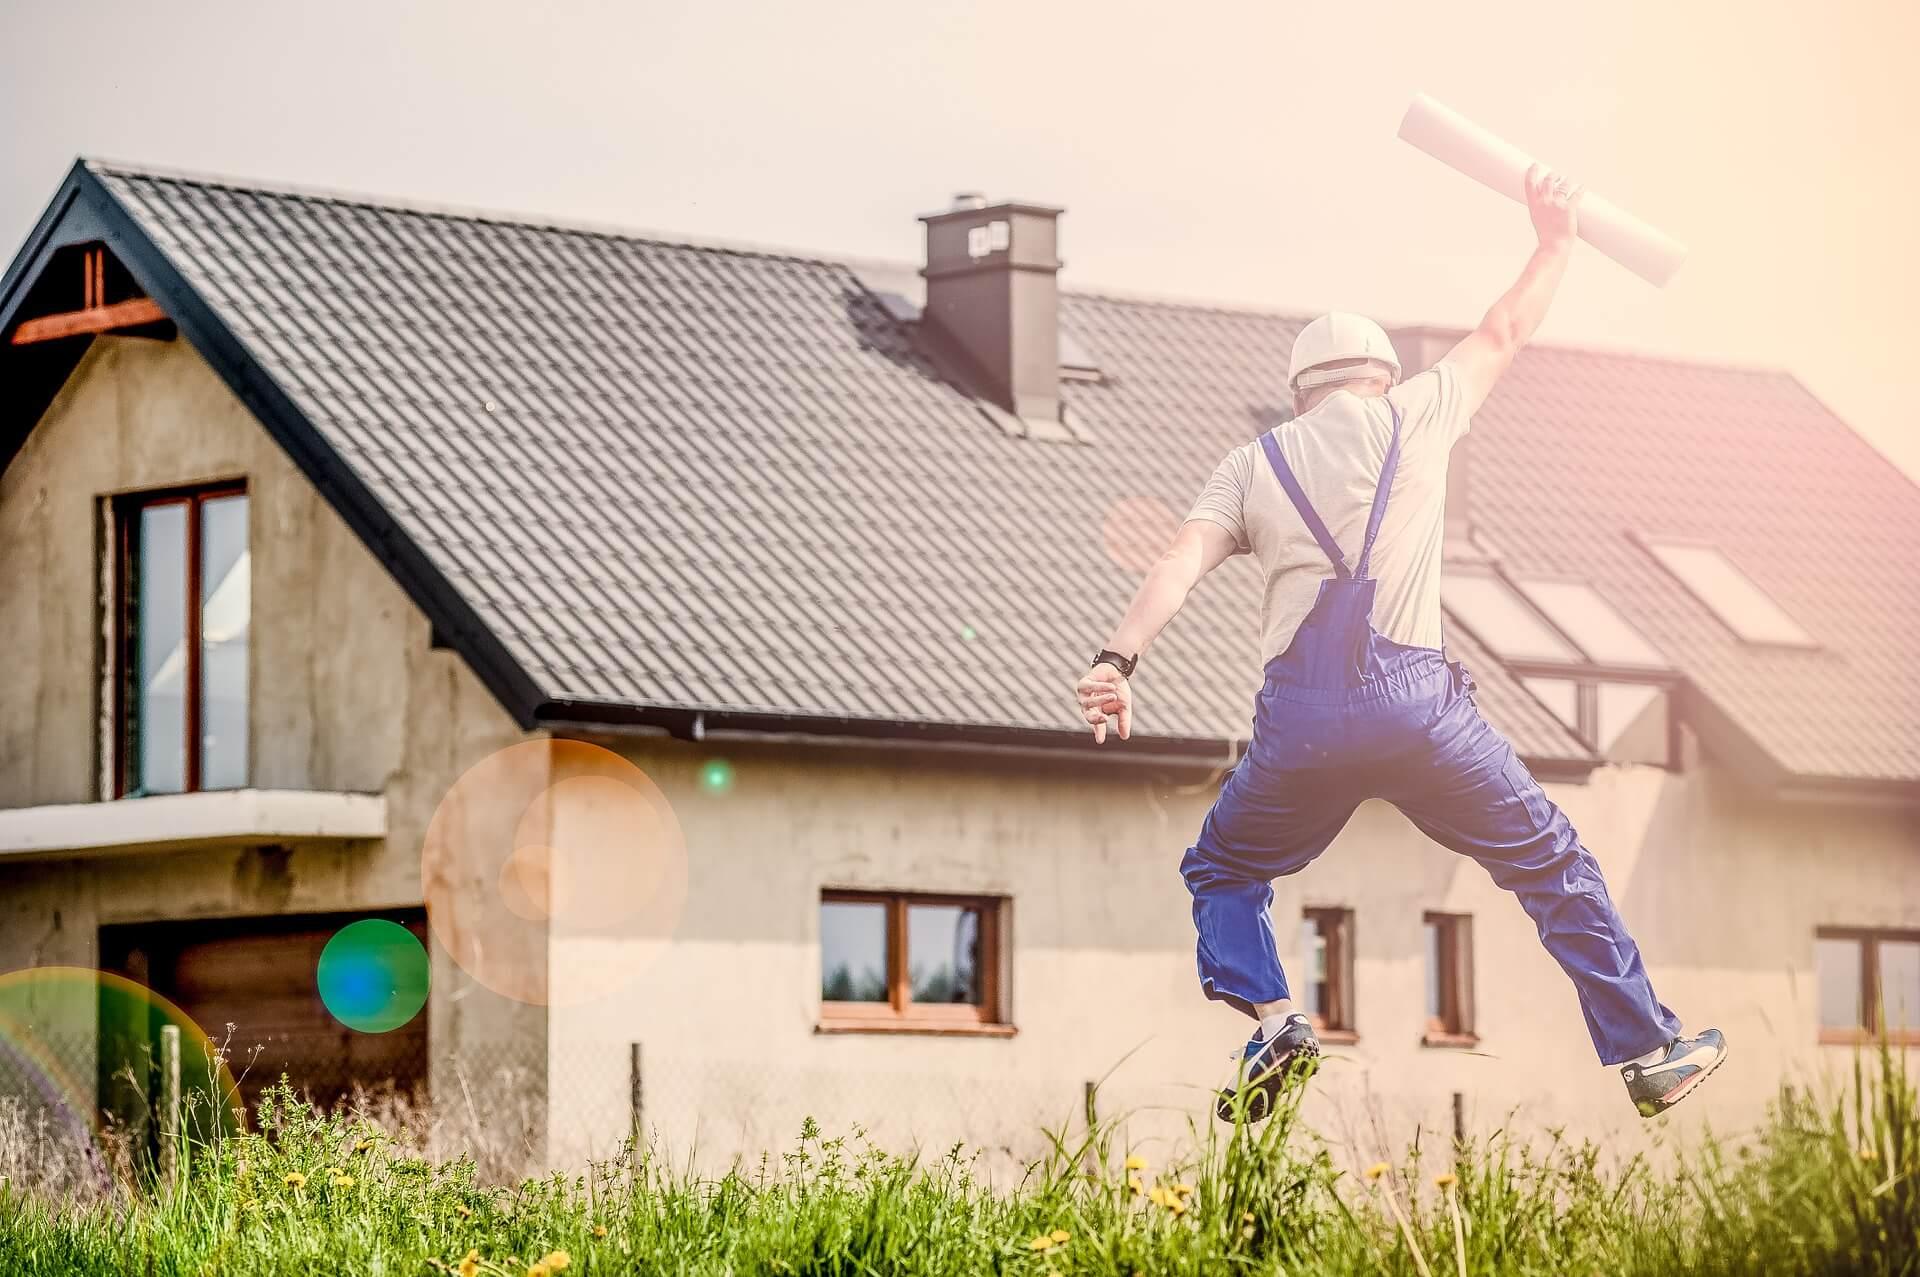 Prostota i funkcjonalność - styl budowy naszego domu